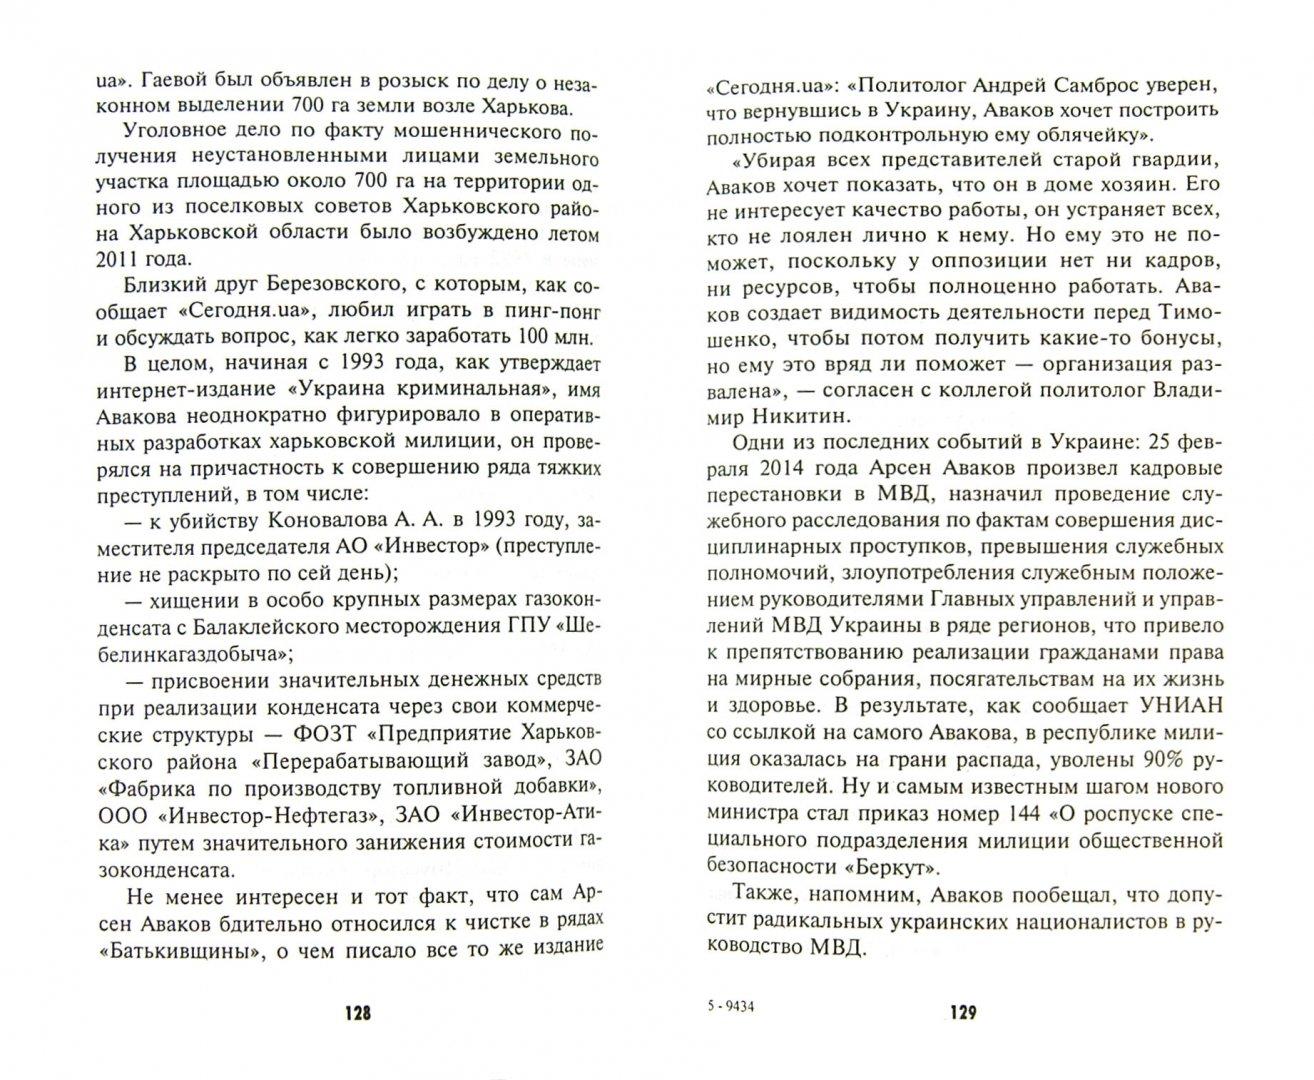 Иллюстрация 1 из 8 для Киевская хунта - Алексей Челноков   Лабиринт - книги. Источник: Лабиринт